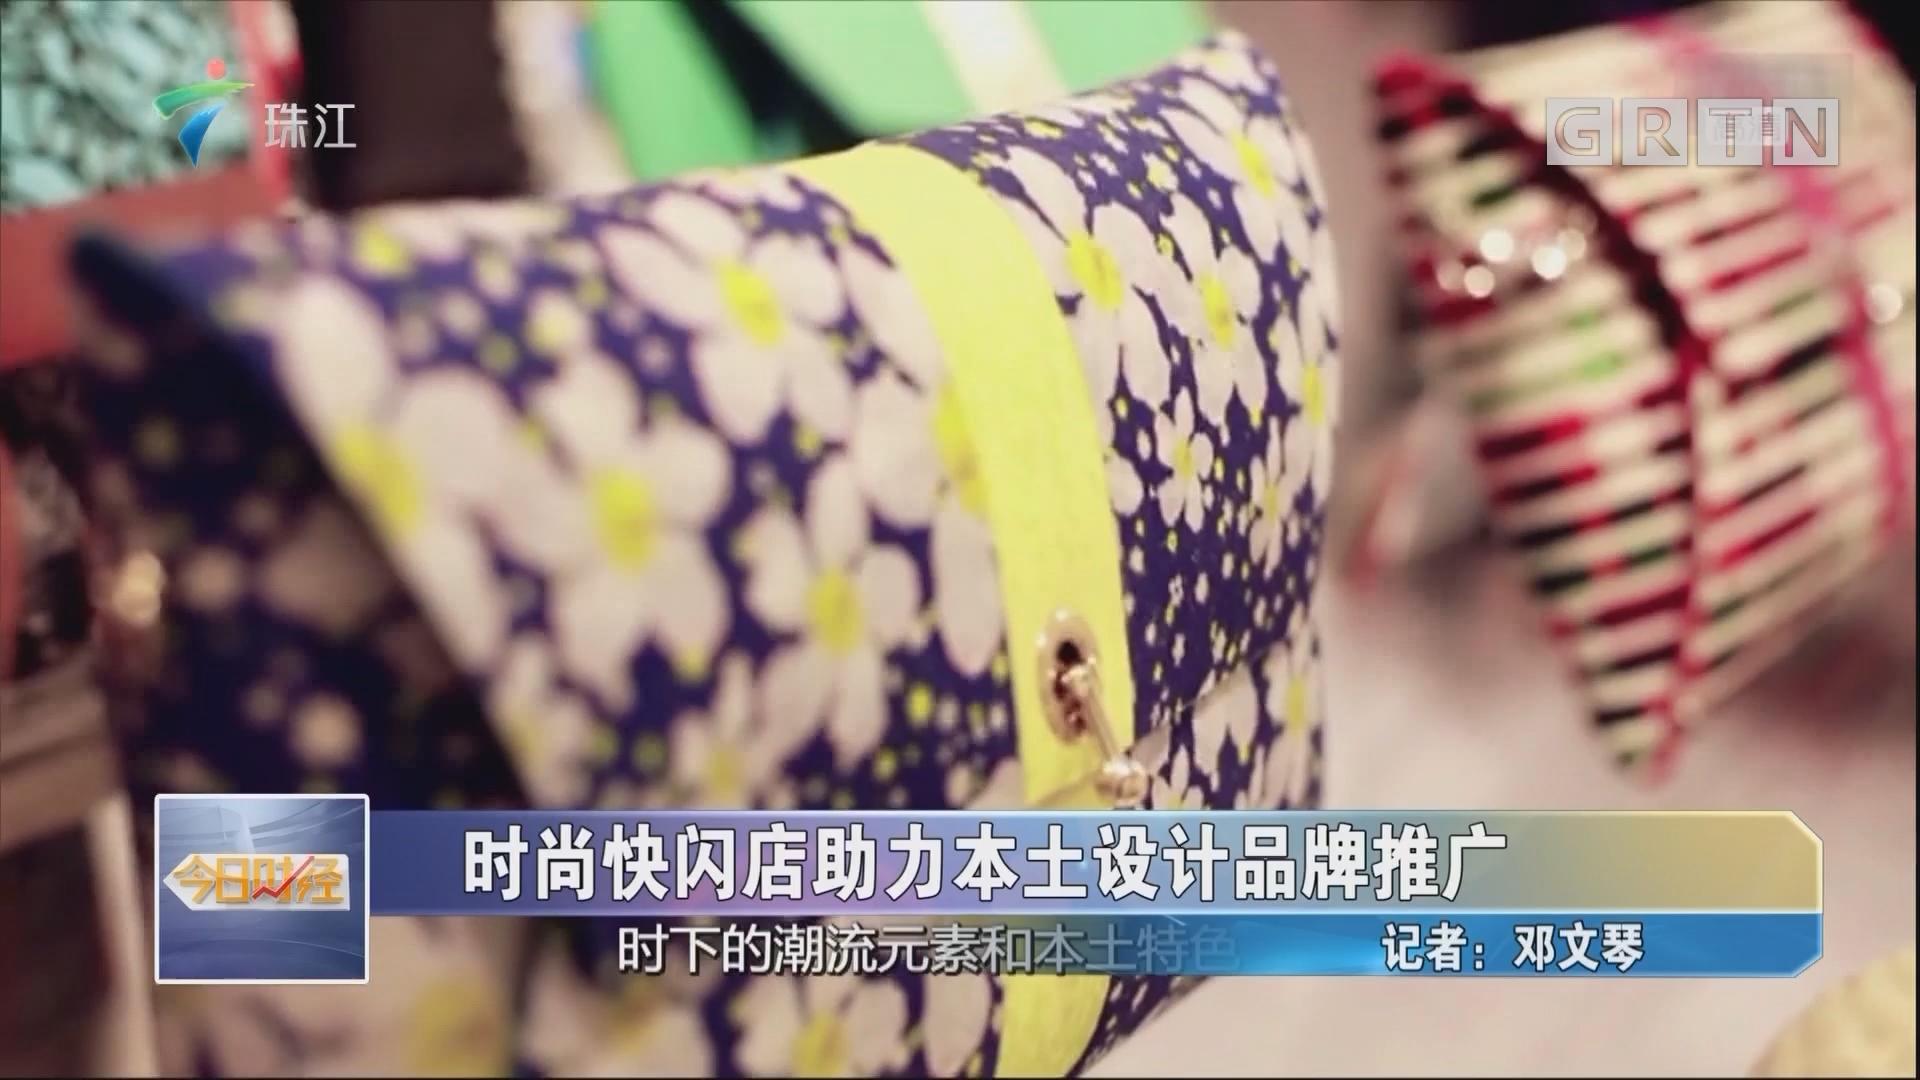 时尚快闪店助力本土设计品牌推广